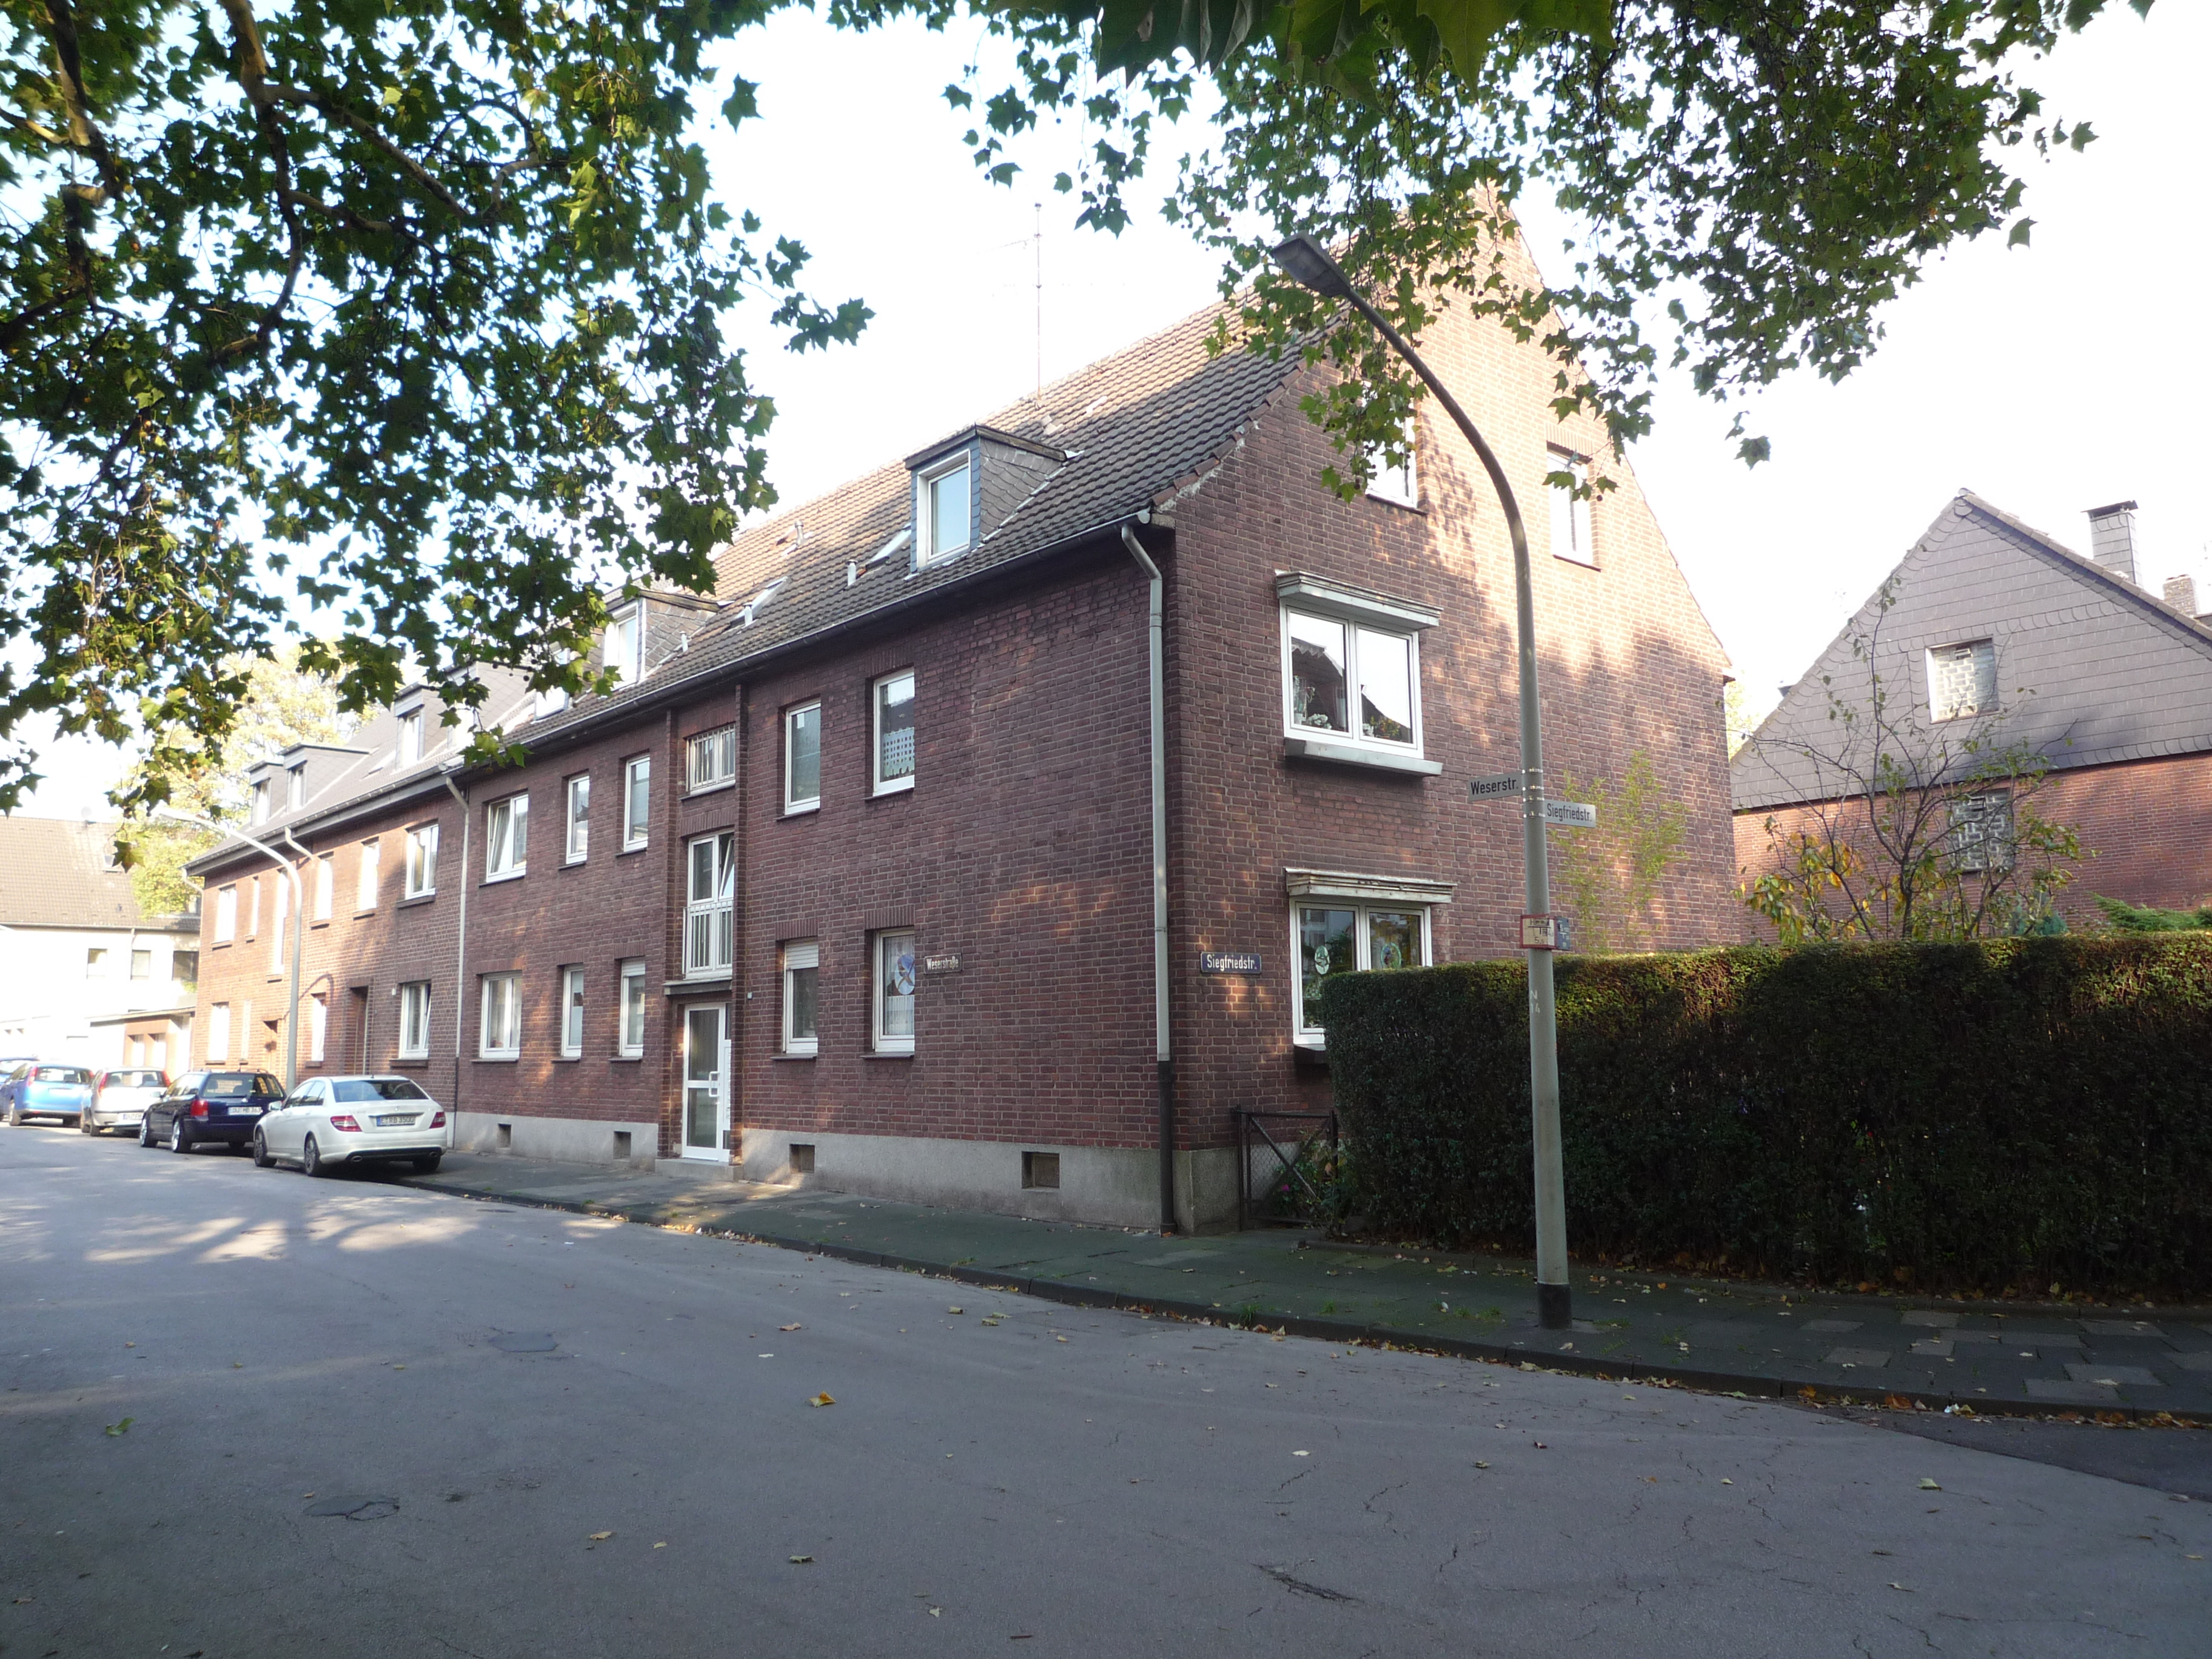 Duisburg - Weser Str. 66